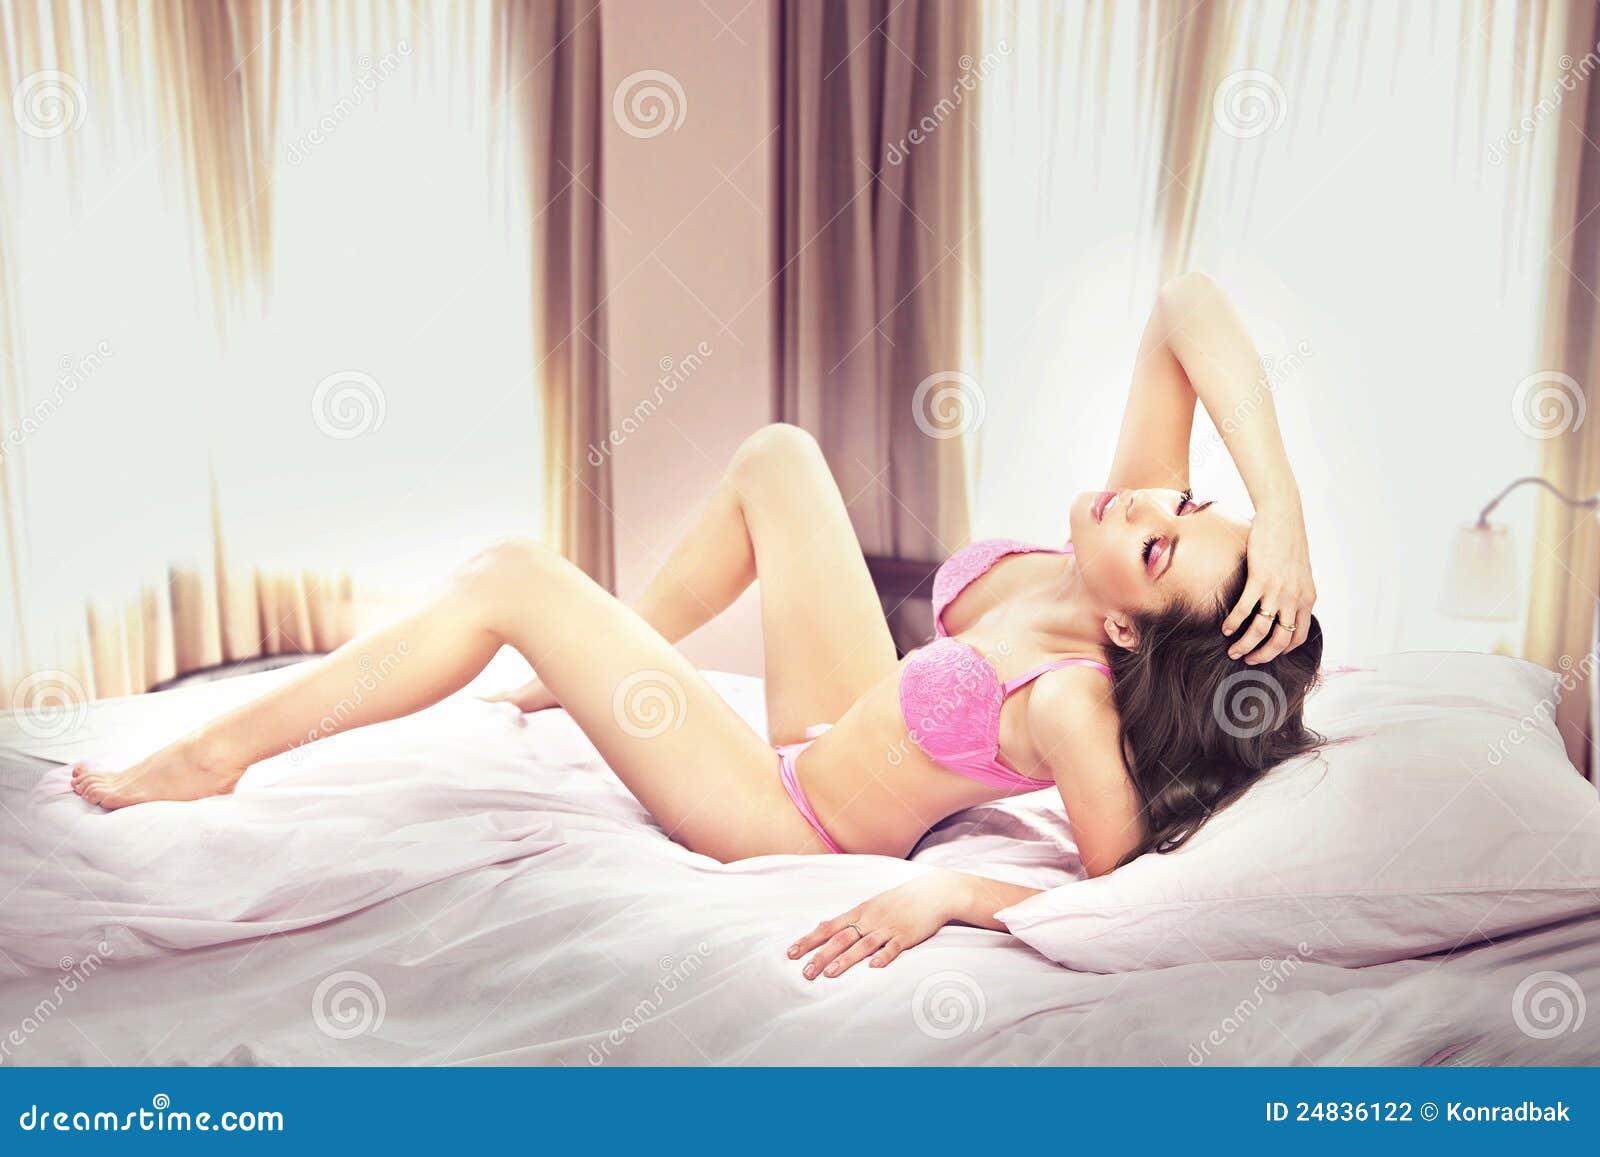 Секс в салоне красоты 11 фотография